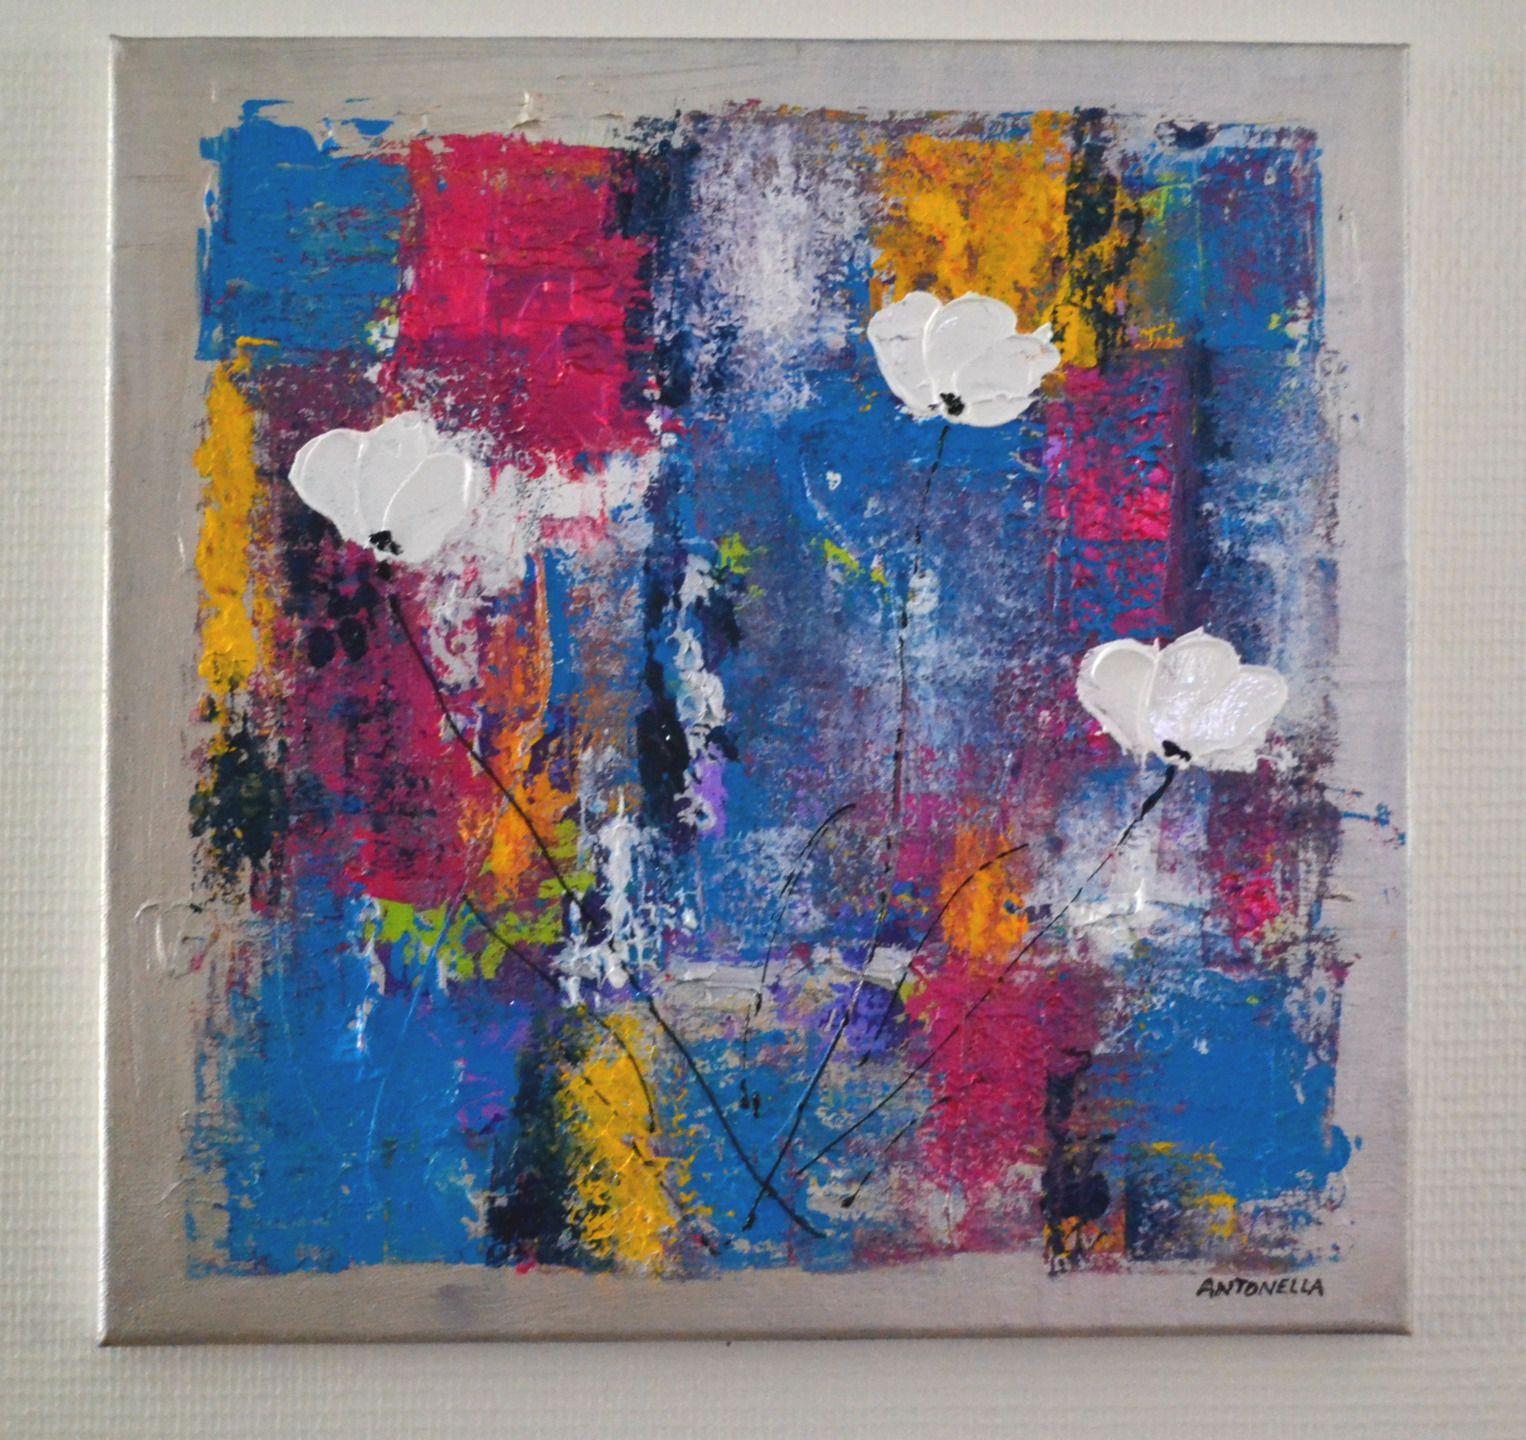 tableau abstrait color tableau contemporain peinture abstraite fleurs d coration murale. Black Bedroom Furniture Sets. Home Design Ideas